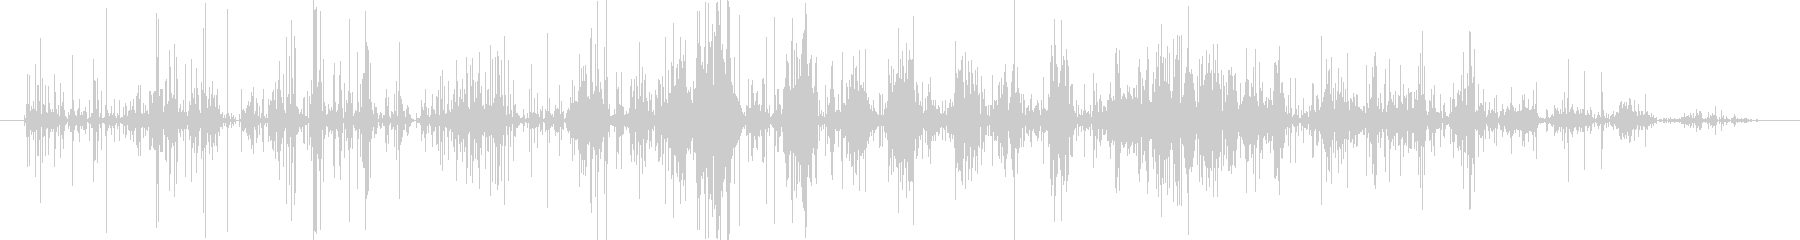 インスタントラーメン潰す音 バリバリの未再生の波形